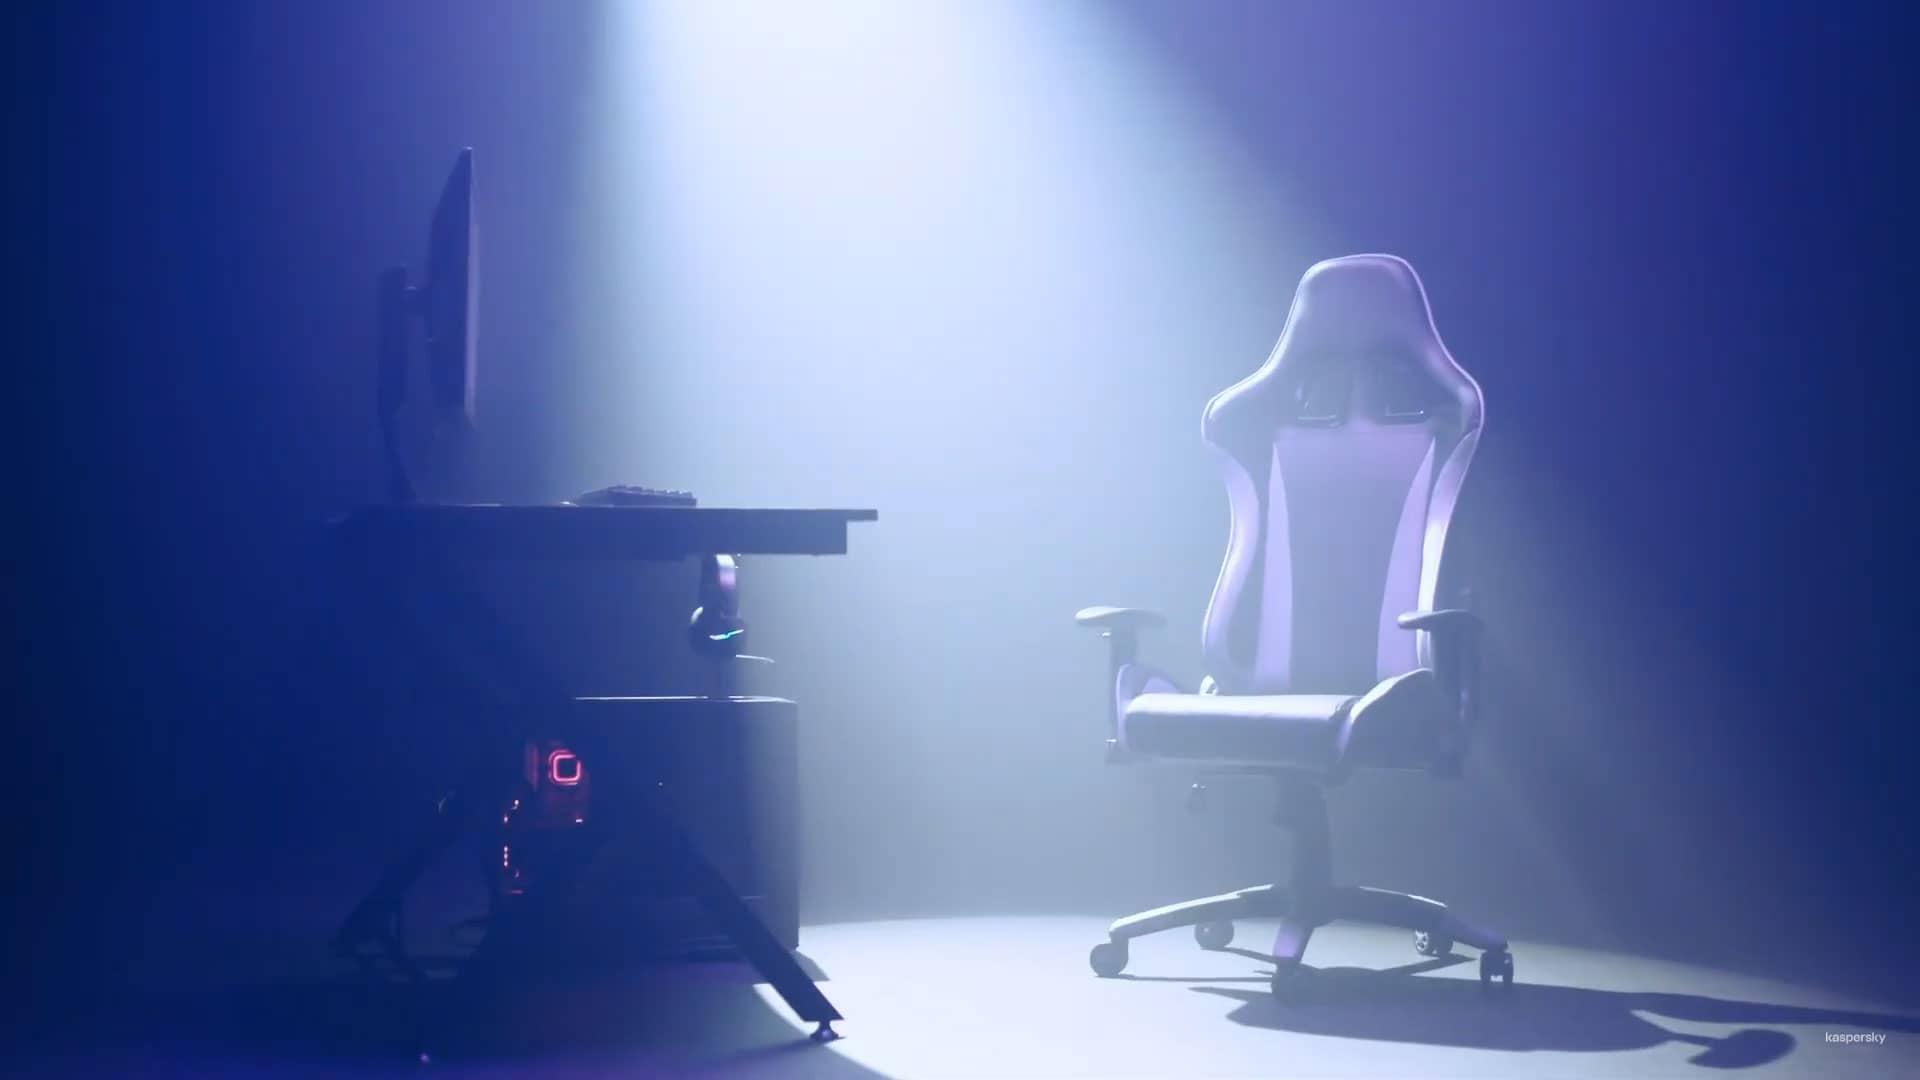 Doom Eternal Dünya Rekoru, Kaspersky Oyun Modu Açıkken Kırıldı